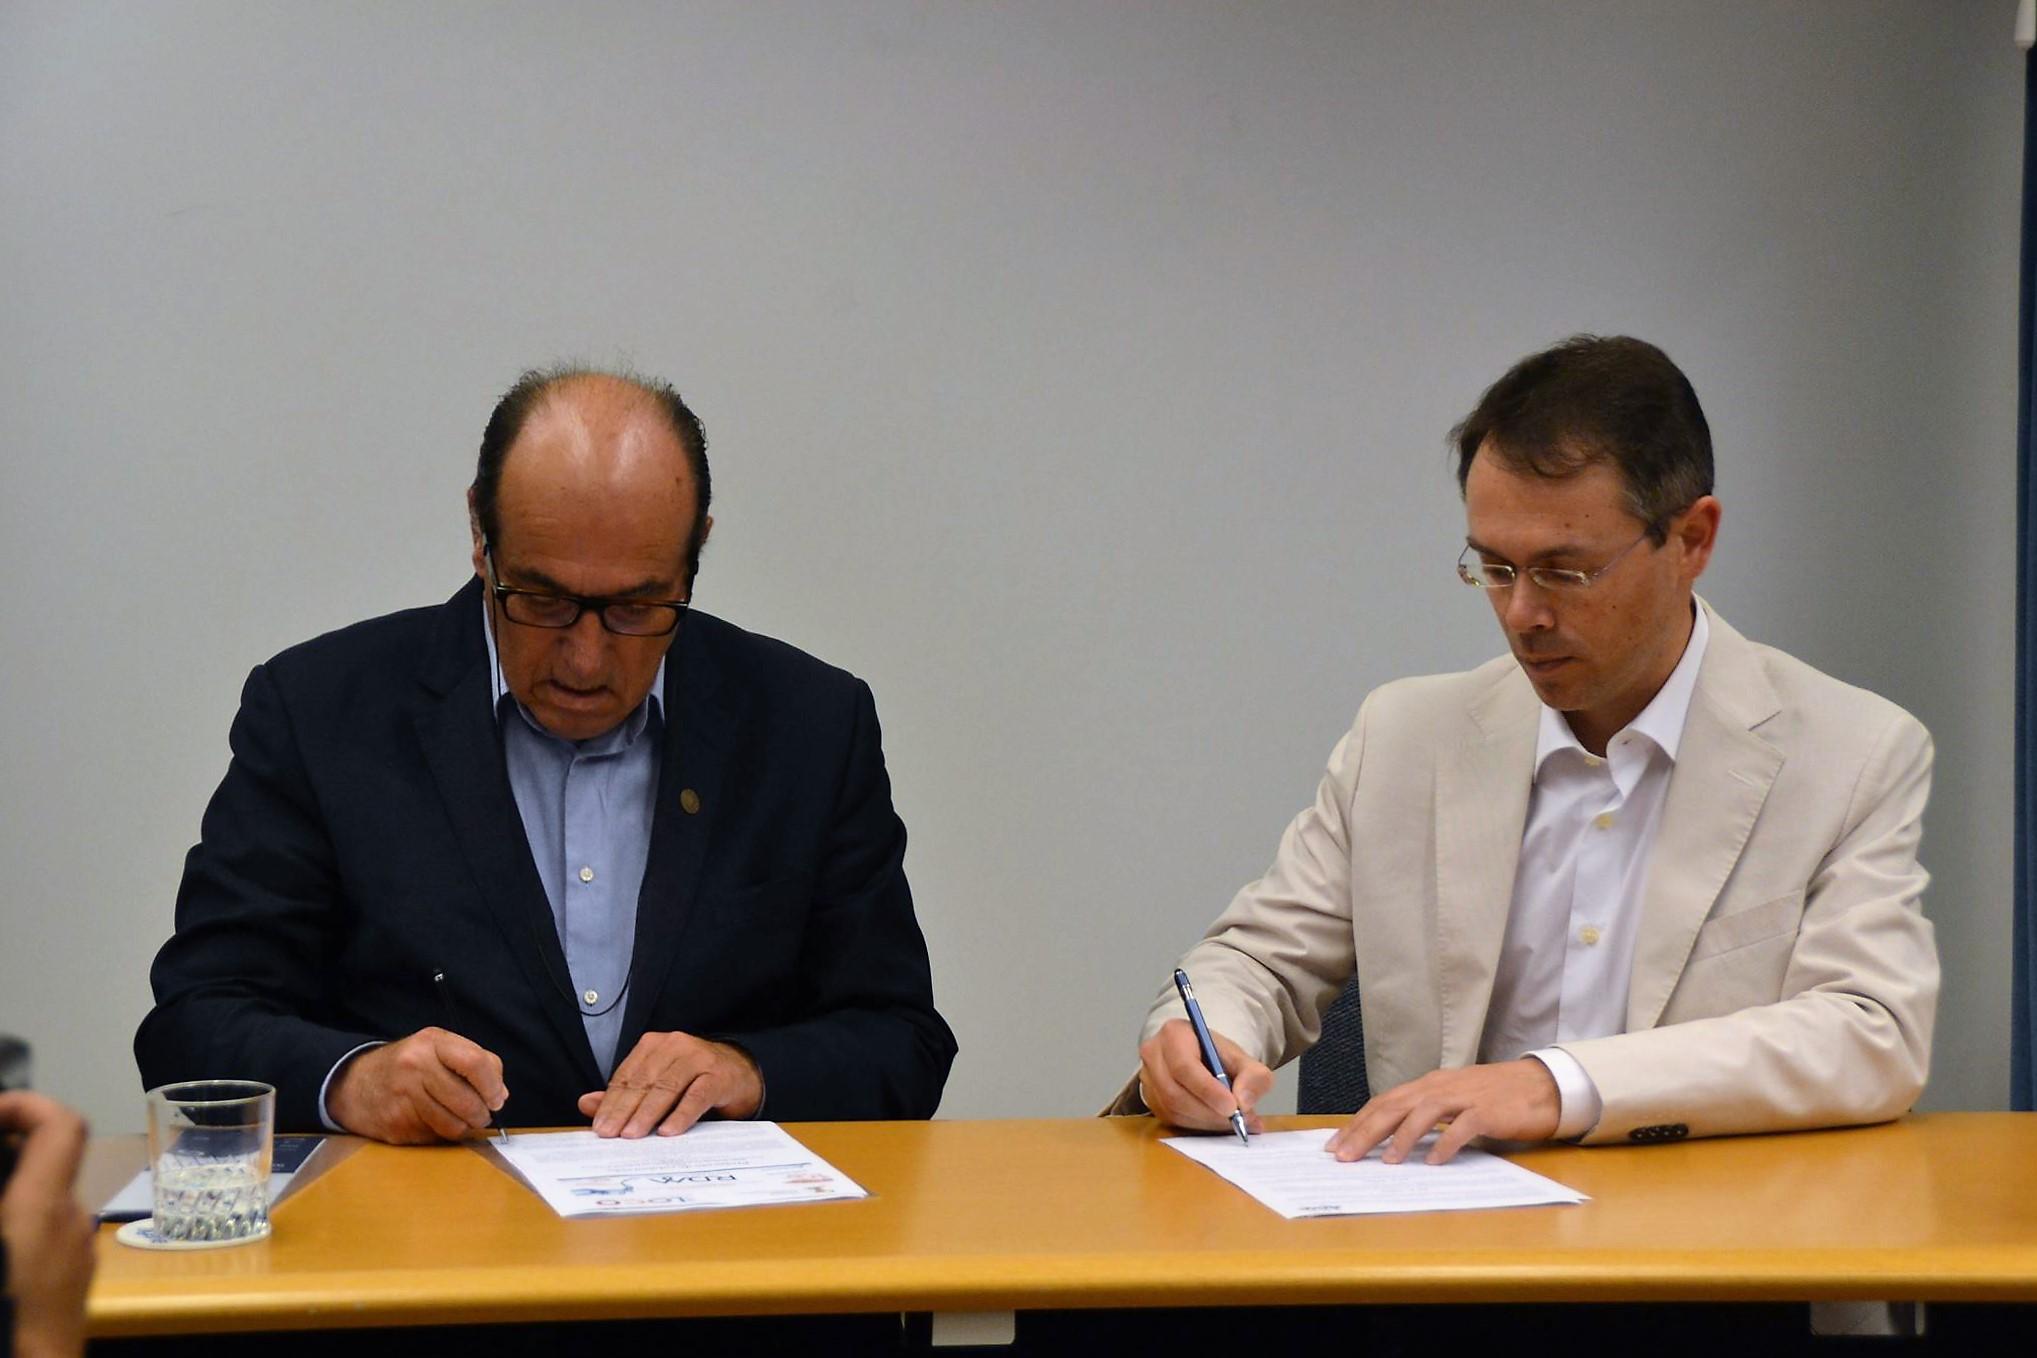 Assinatura do protocolo entre Elidérico Viegas e Nelson Dias